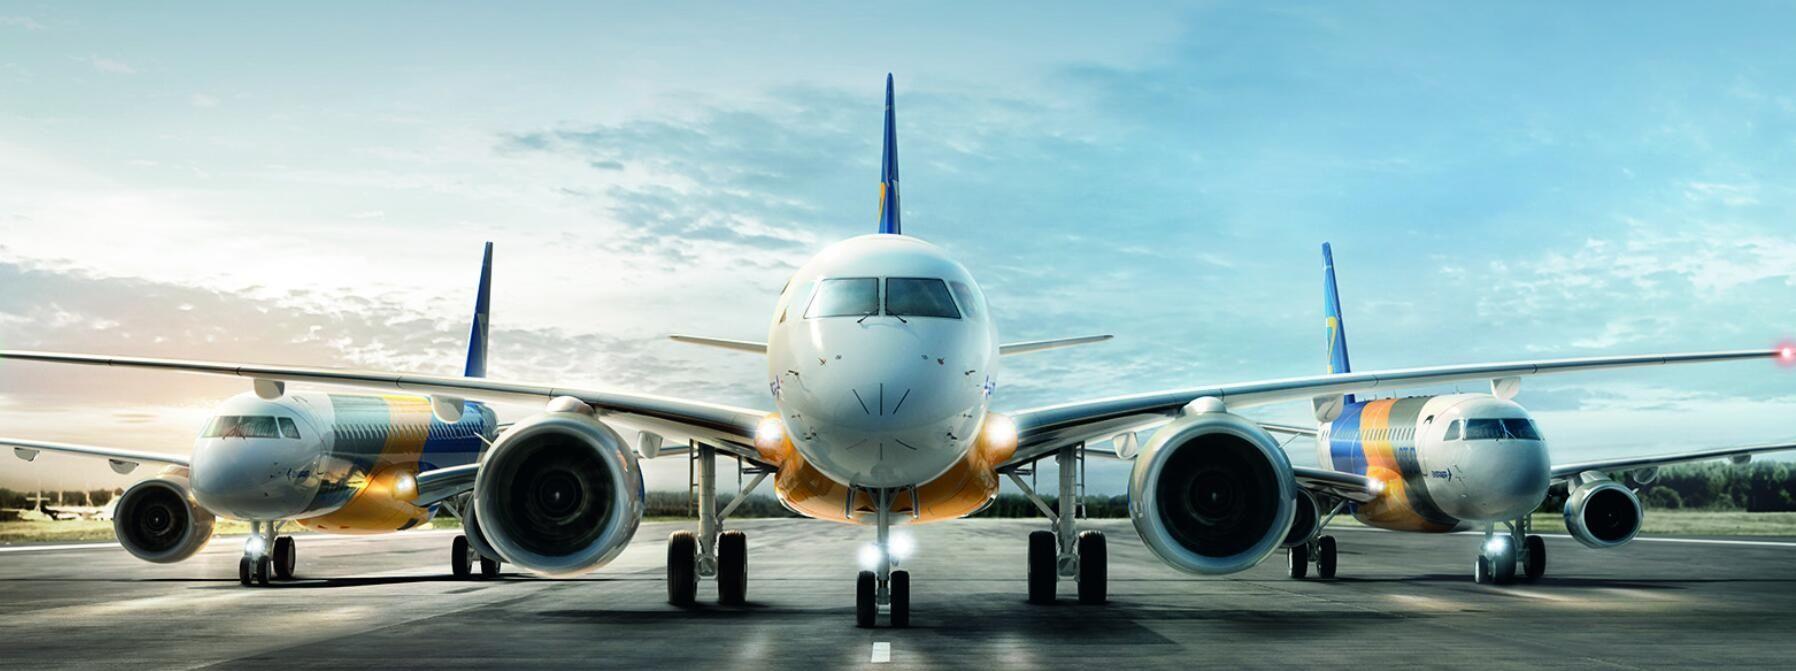 民航早报:巴西批准波音与巴航工业合资